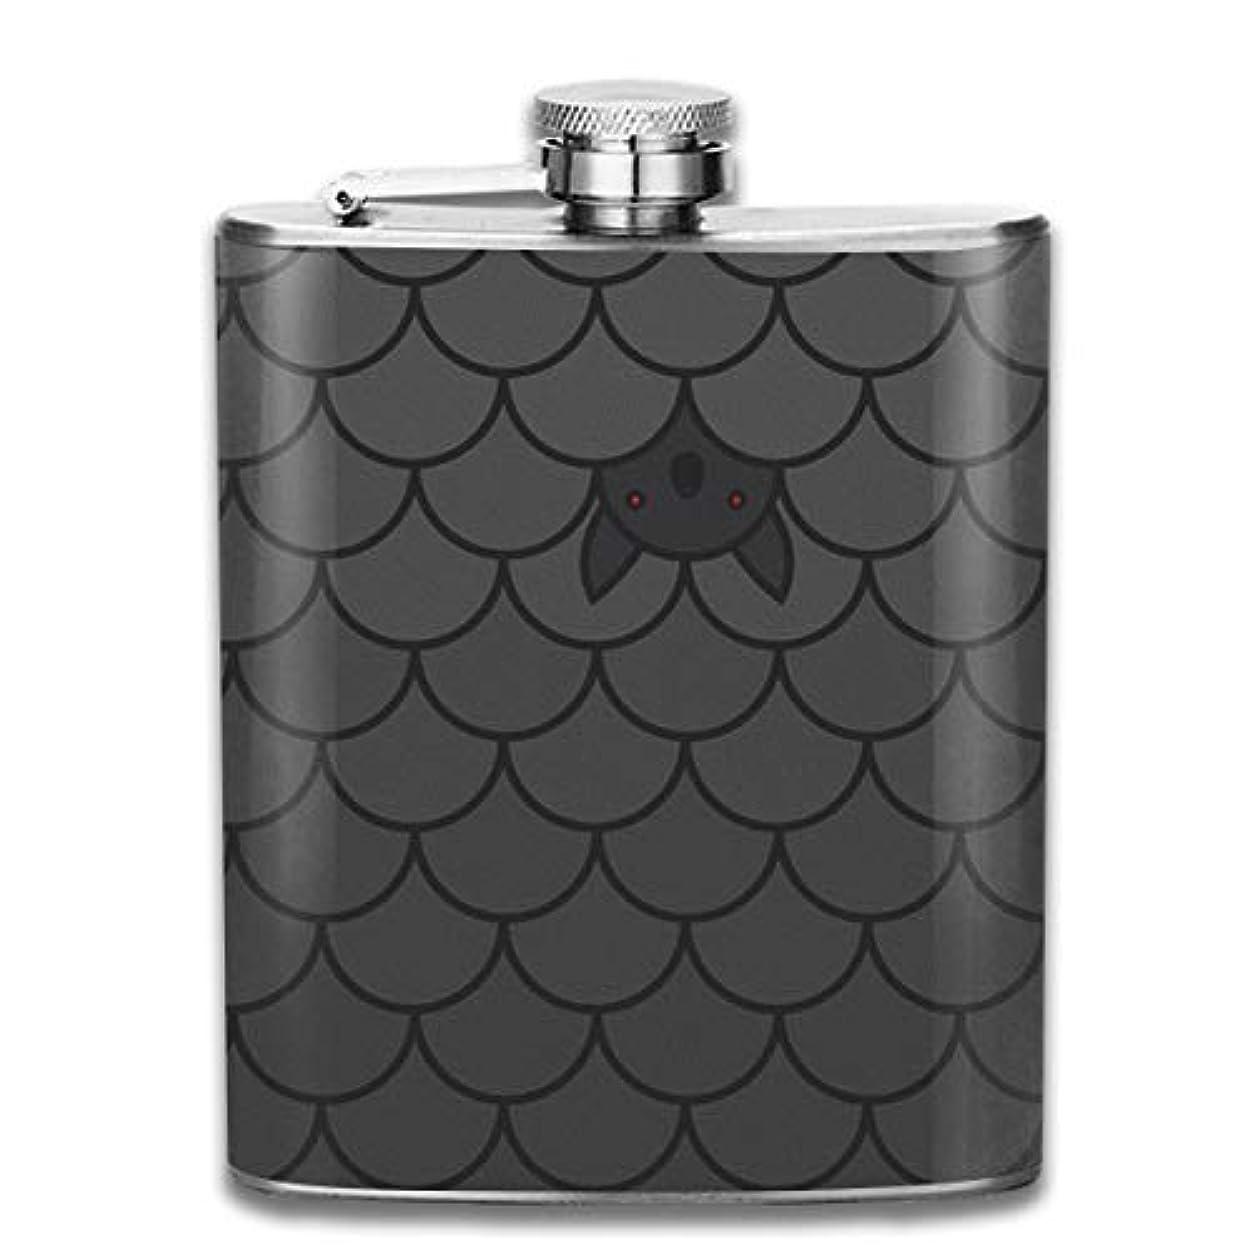 銀行登録する法律コウモリ フラスコ スキットル ヒップフラスコ 7オンス 206ml 高品質ステンレス製 ウイスキー アルコール 清酒 携帯 ボトル